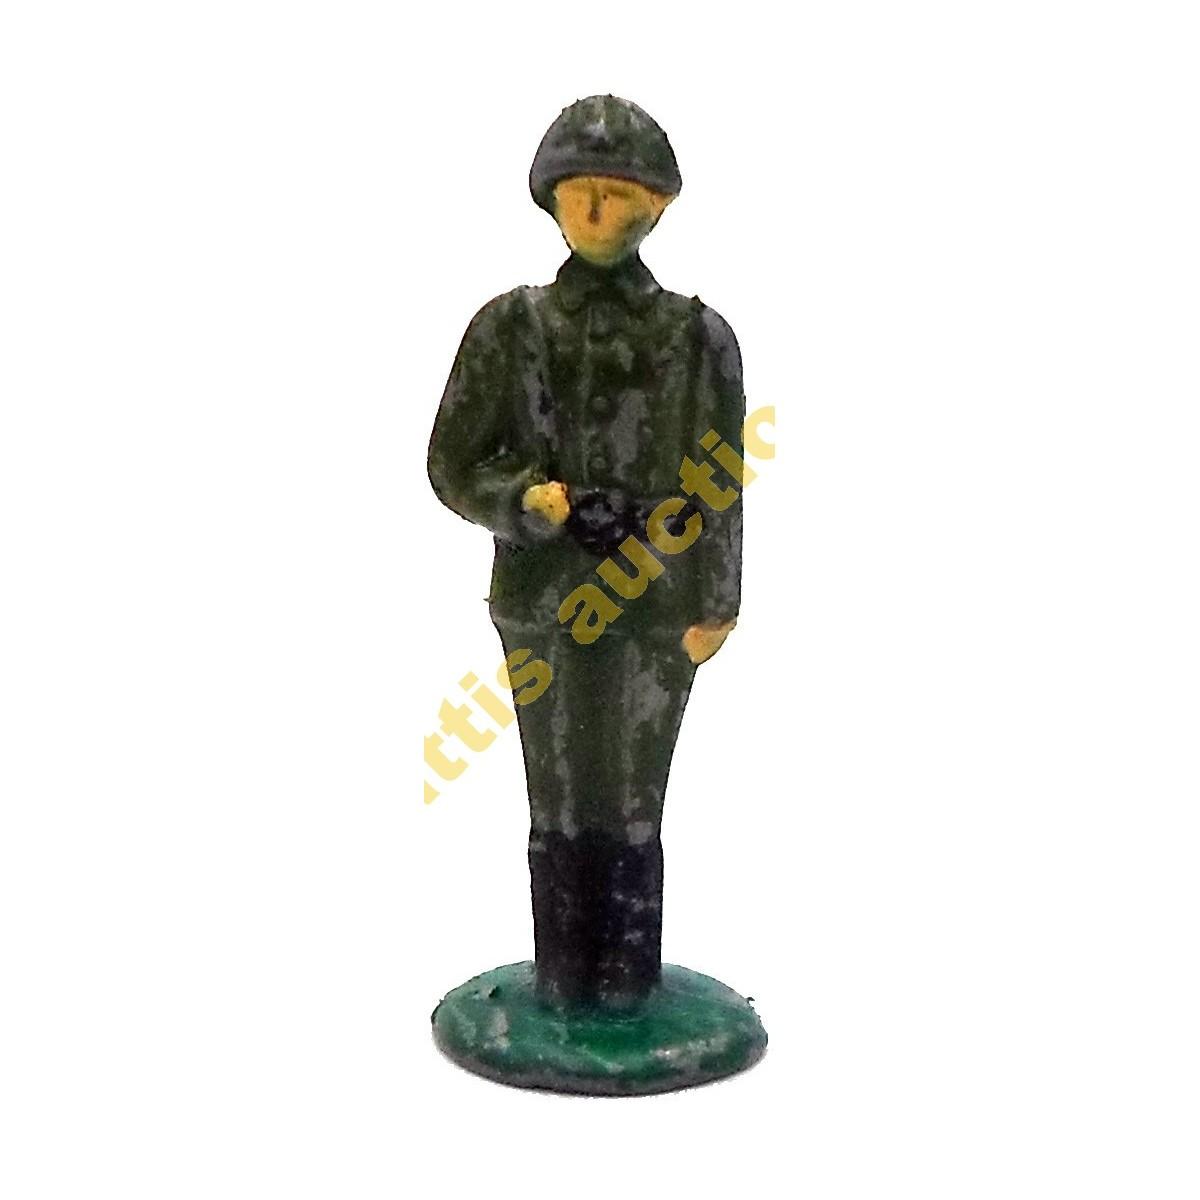 Μολυβένια φιγούρα συμμαχικού στρατιώτου WWII.